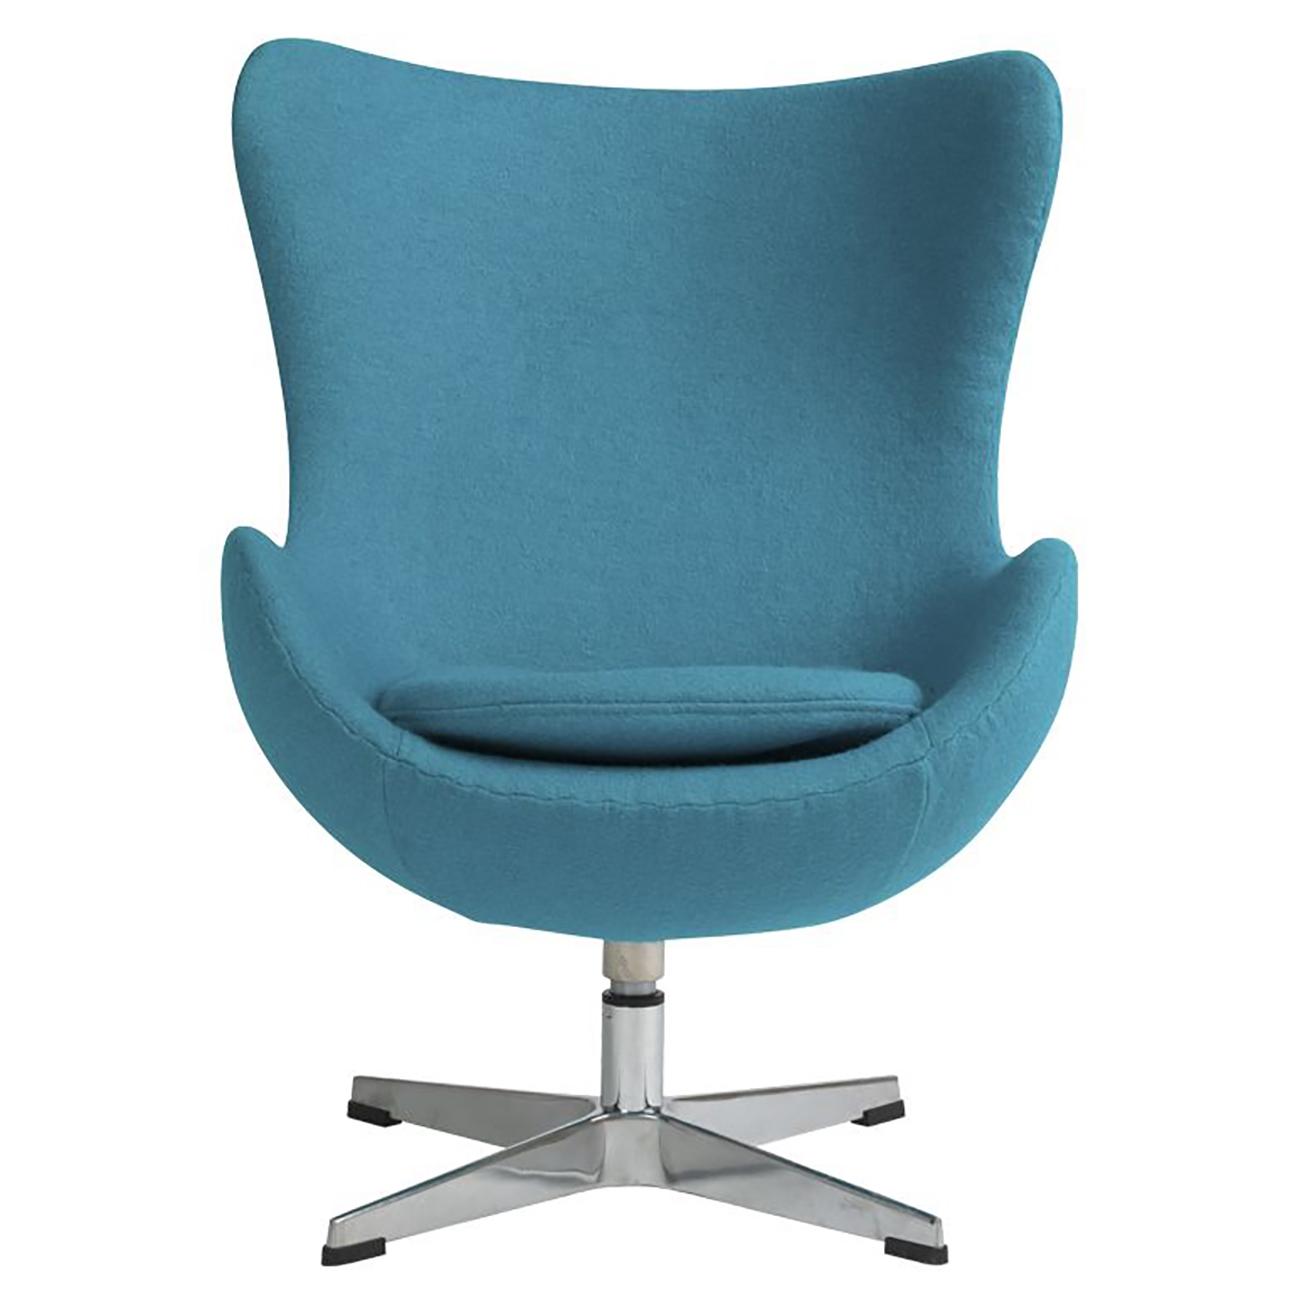 Купить Детское кресло Egg Chair Голубое 100% Шерсть в интернет магазине дизайнерской мебели и аксессуаров для дома и дачи